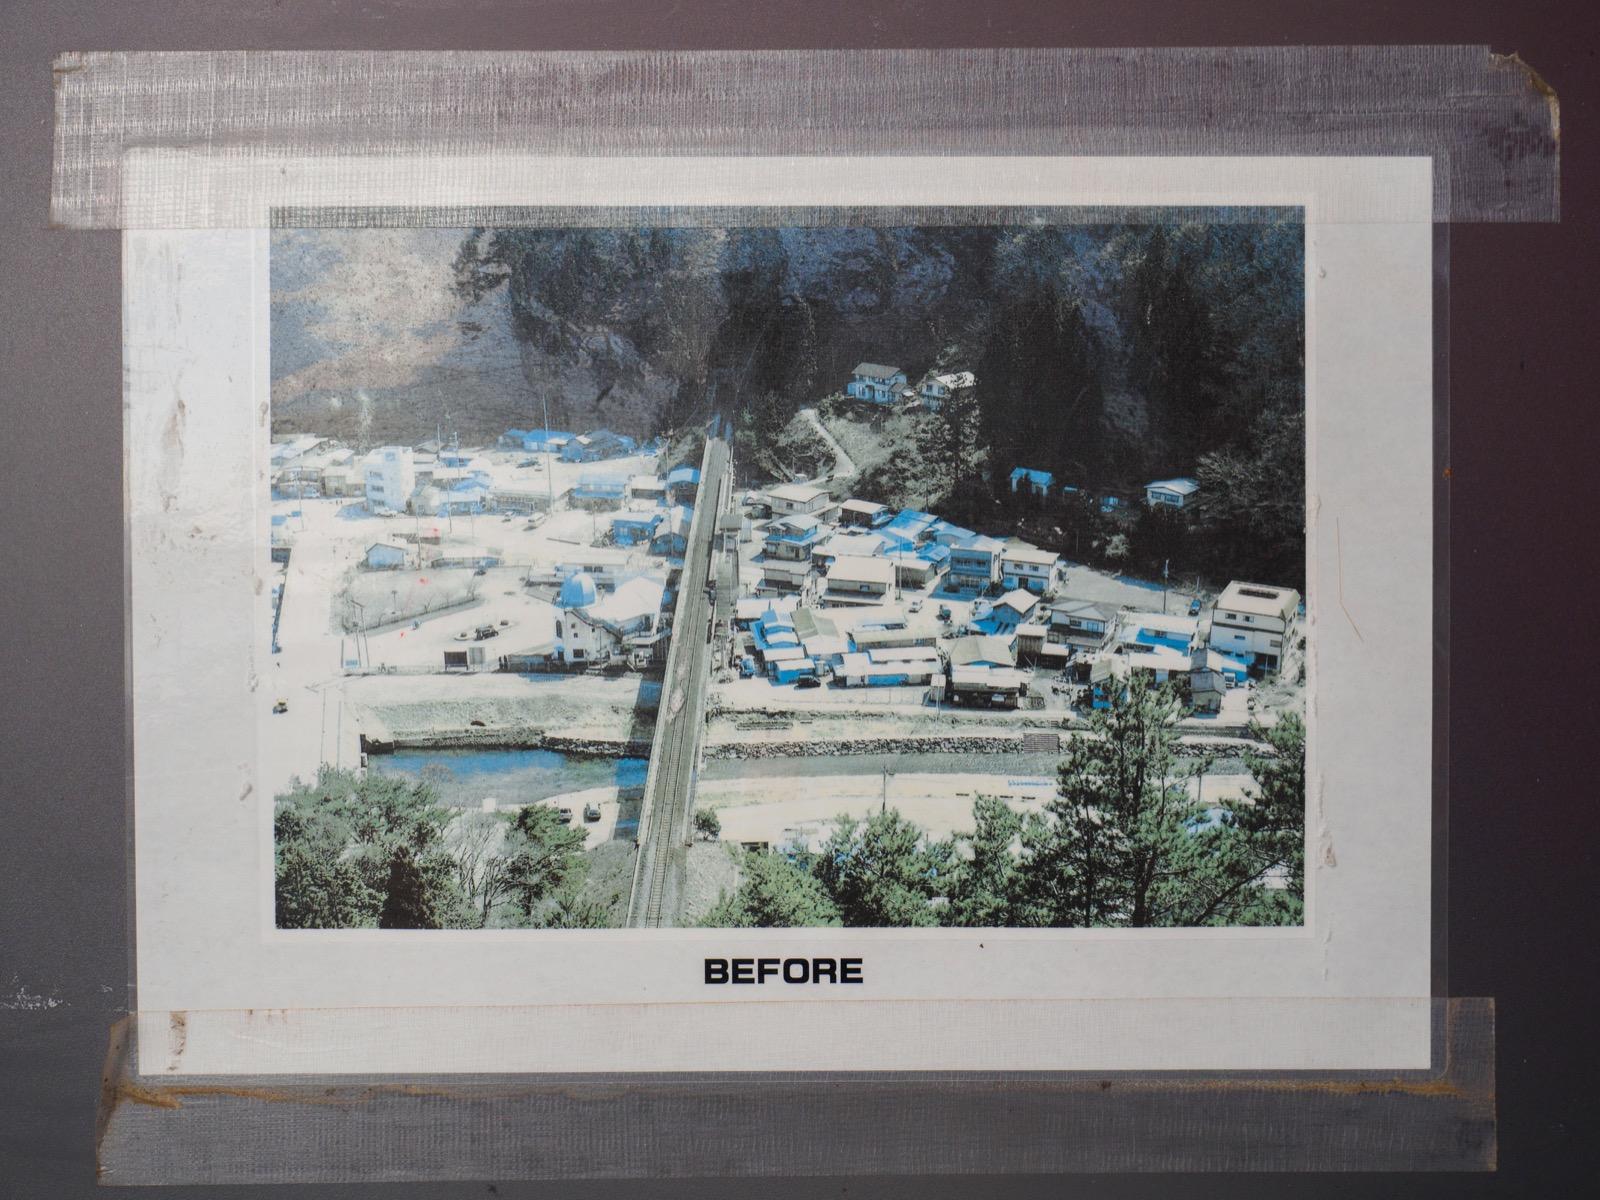 島越駅のホームに貼られた震災前の写真